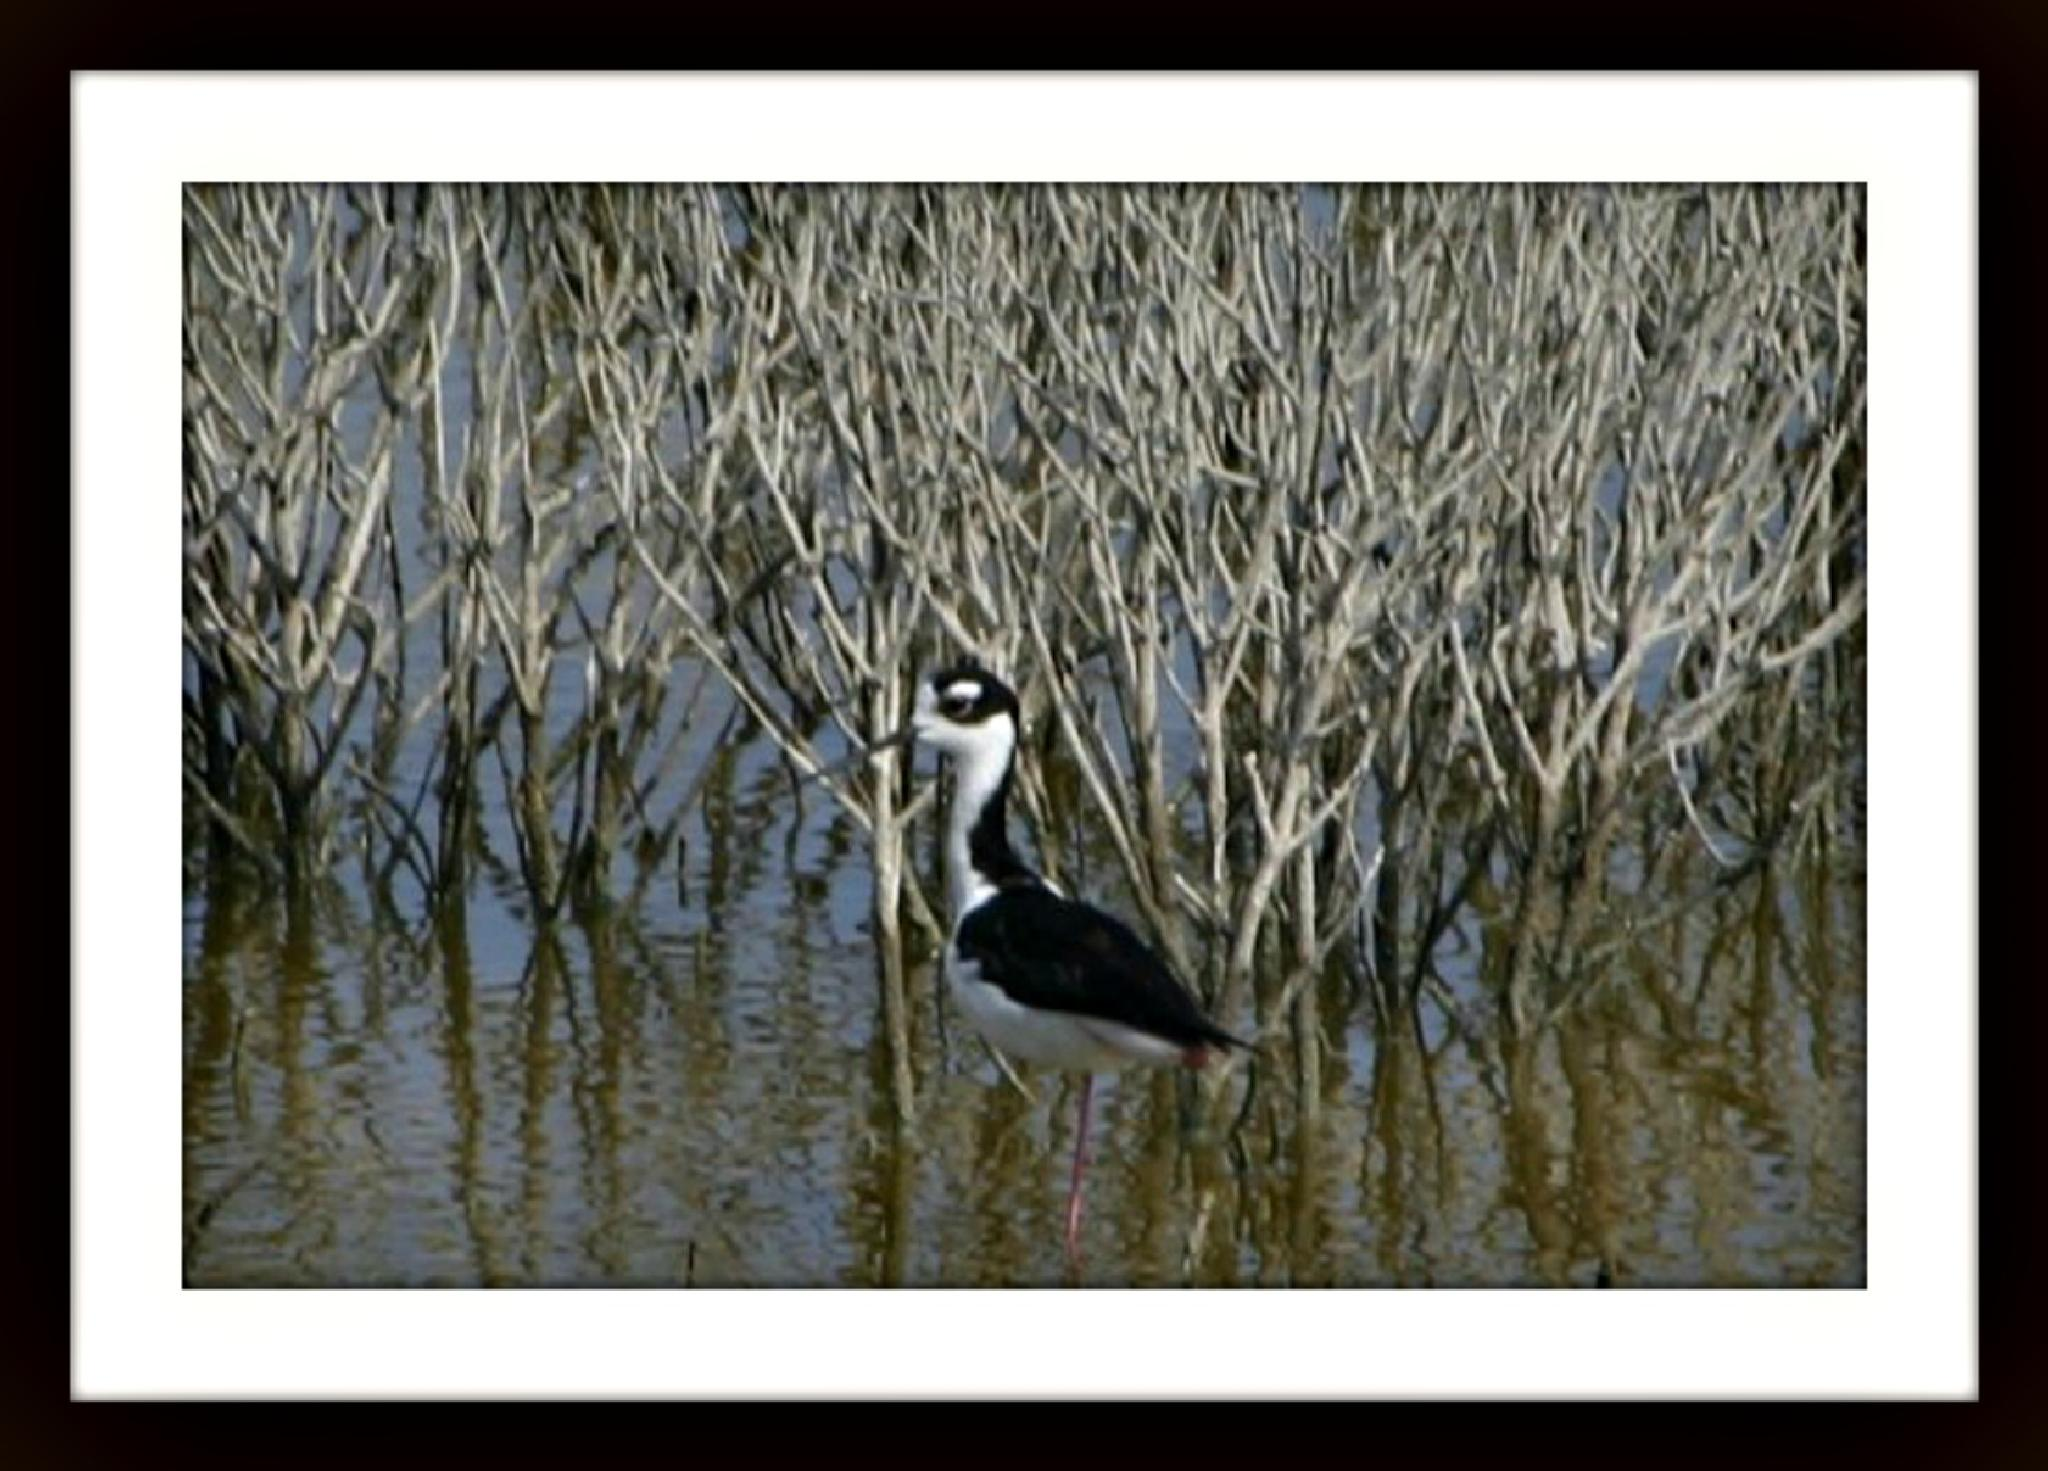 WATER BIRD by bechcomber444